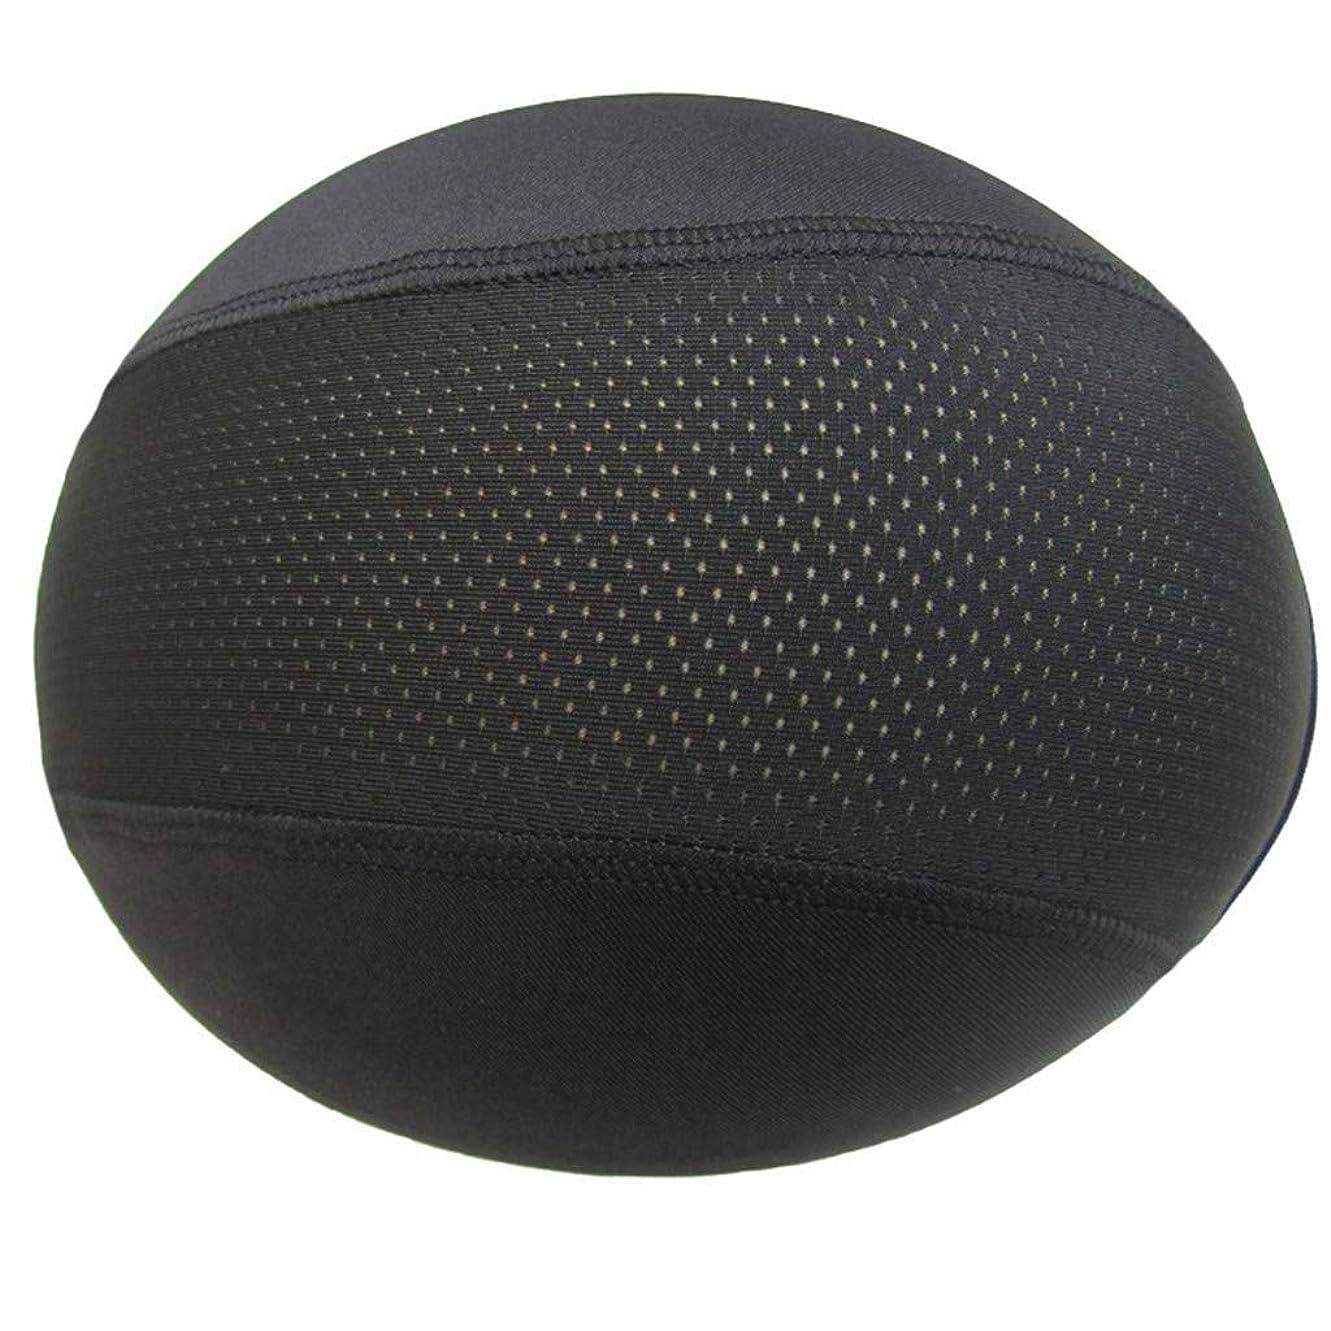 チキン露骨なペイントヘルメットインナーキャップ ユニセックス帽子ドームキャップ 水分発散冷却スカルキャップ